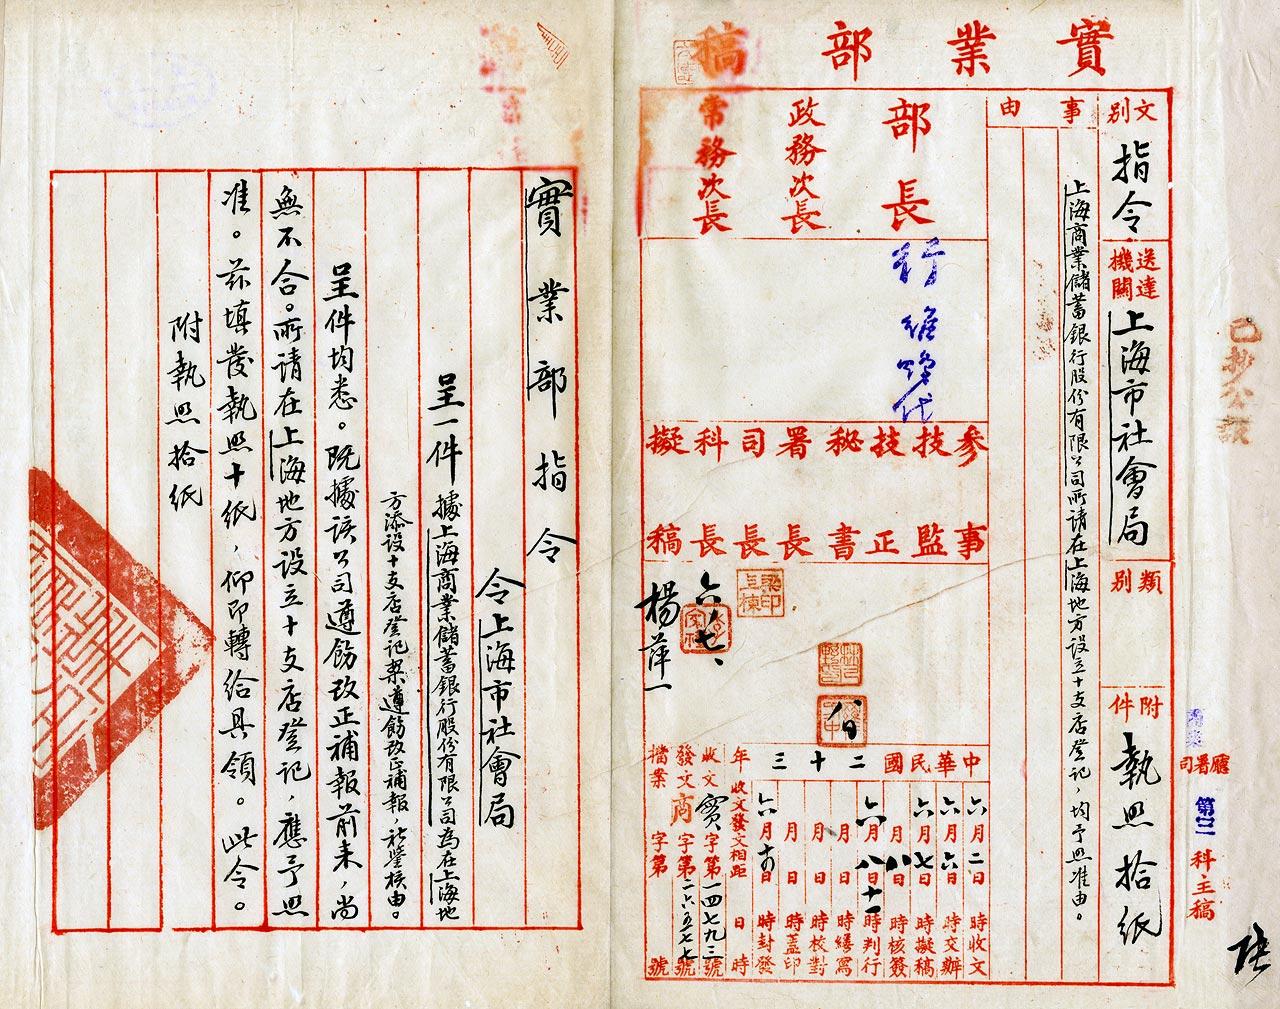 1934年6月,上海商業儲蓄銀行虹口分行登記表。(17-23-01-72-23-003-13)